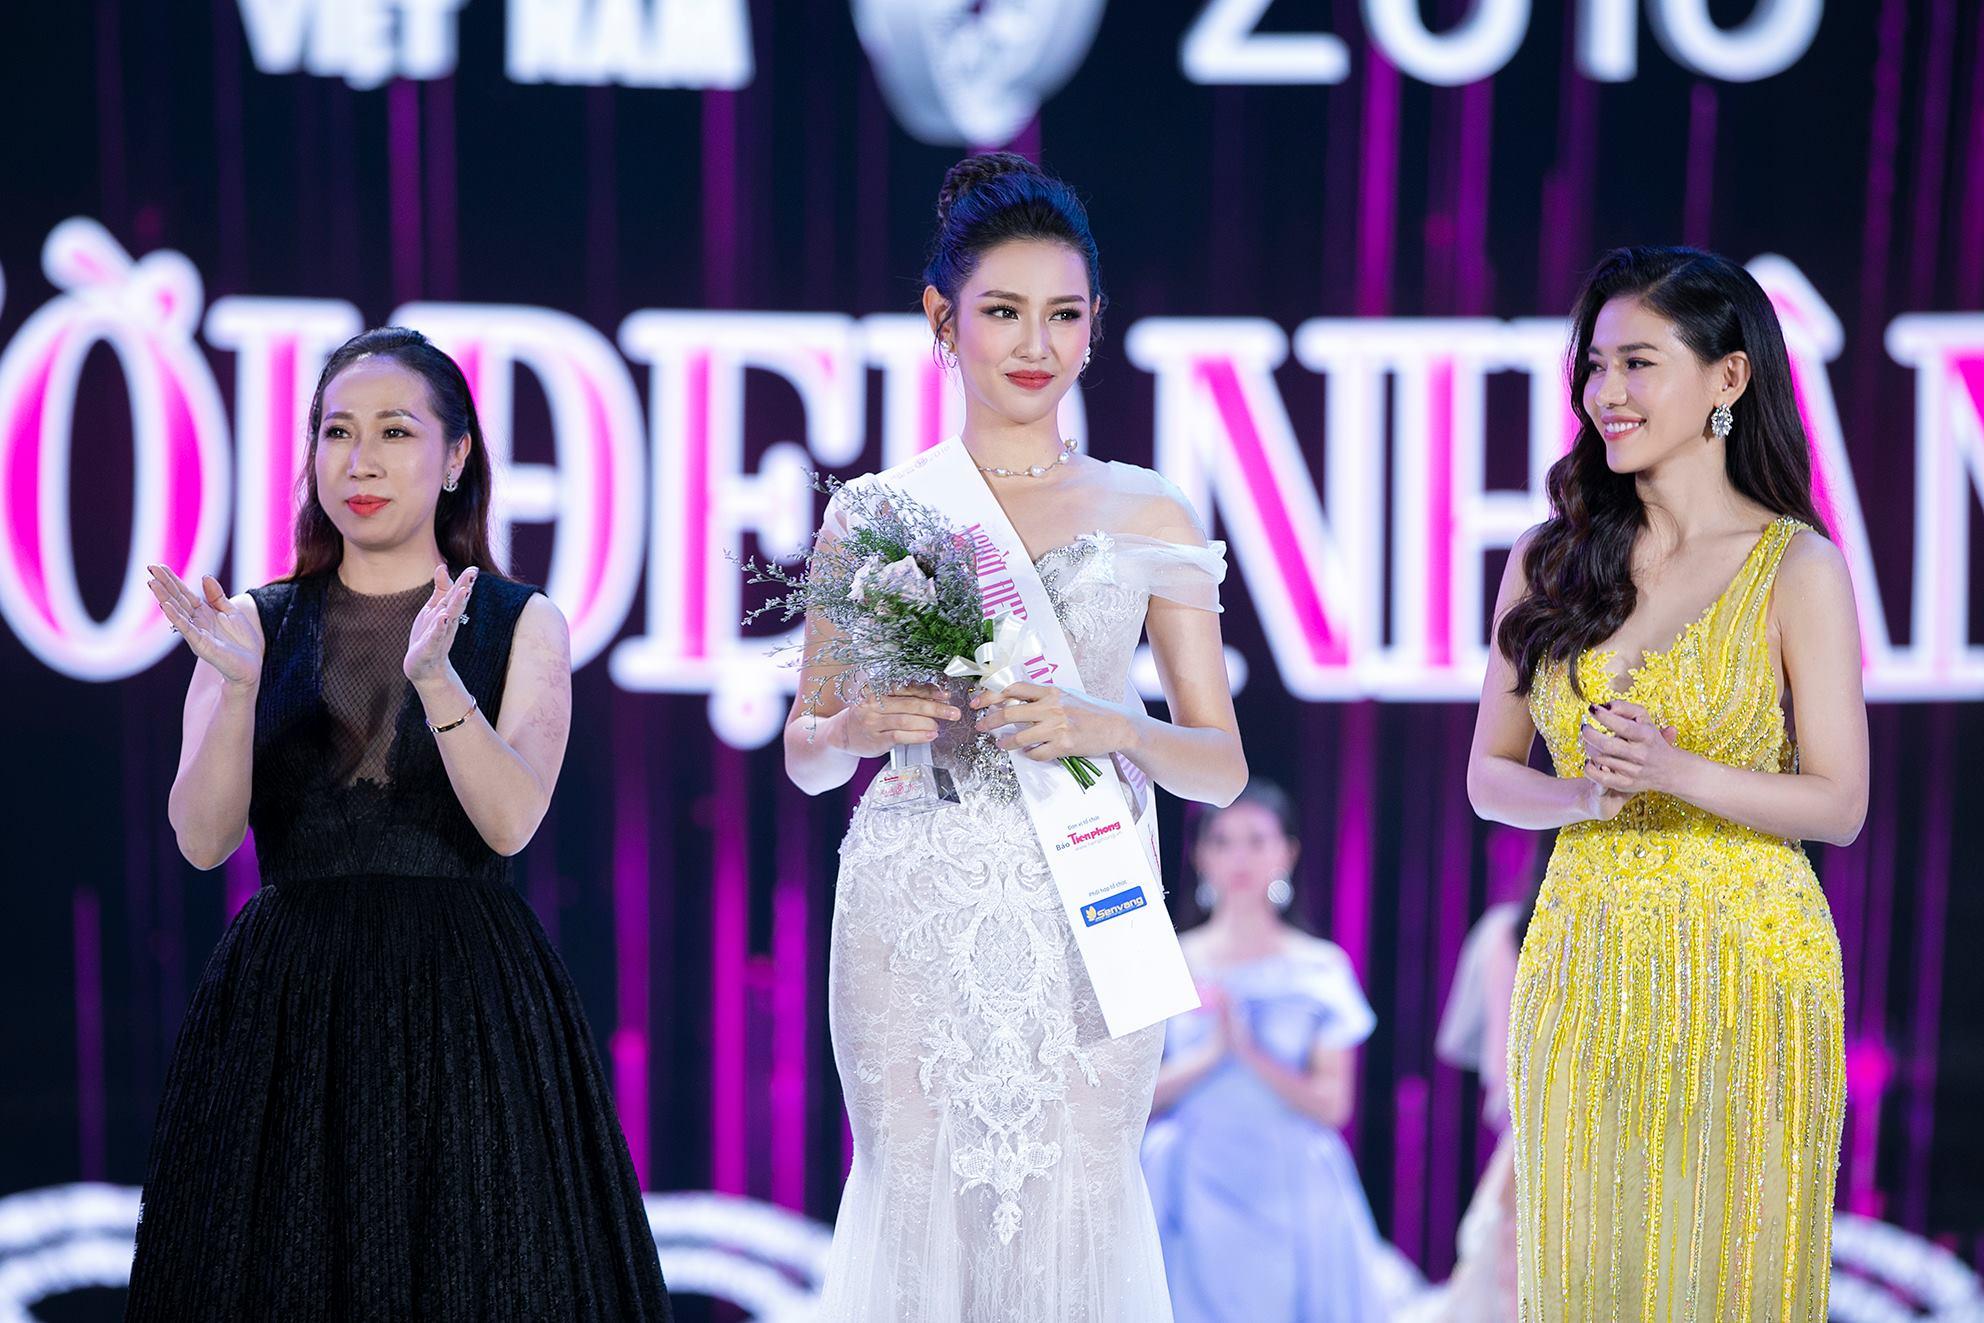 Thỳ Tiên trong đêm Chung kết Hoa hậu Việt Nam2018.